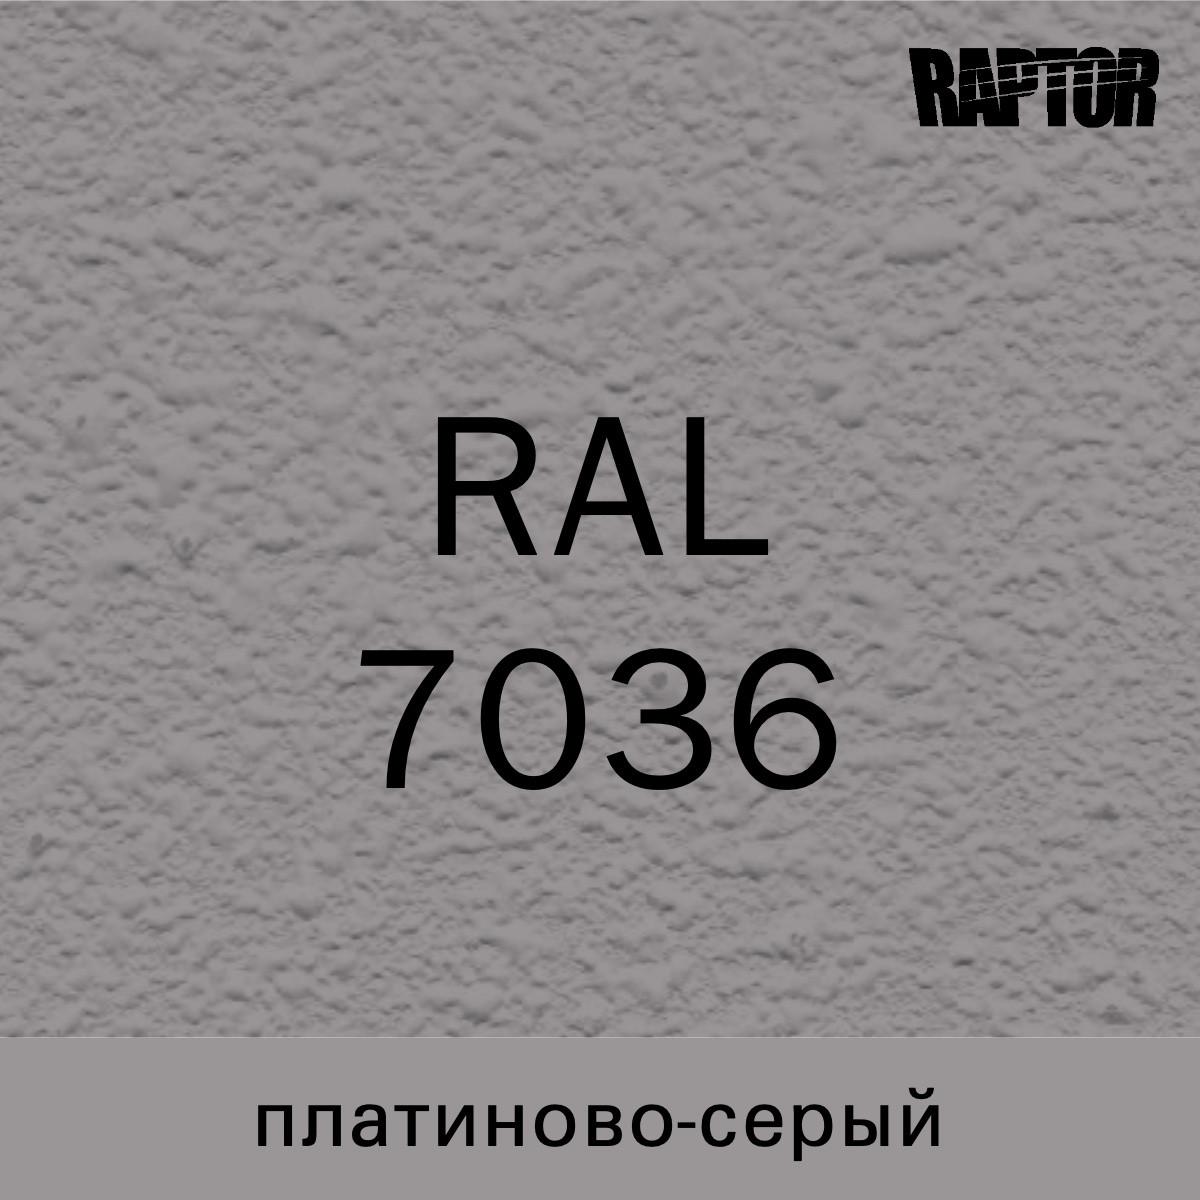 Пигмент для колеровки покрытия RAPTOR™ Платиново-серый (RAL 7036)